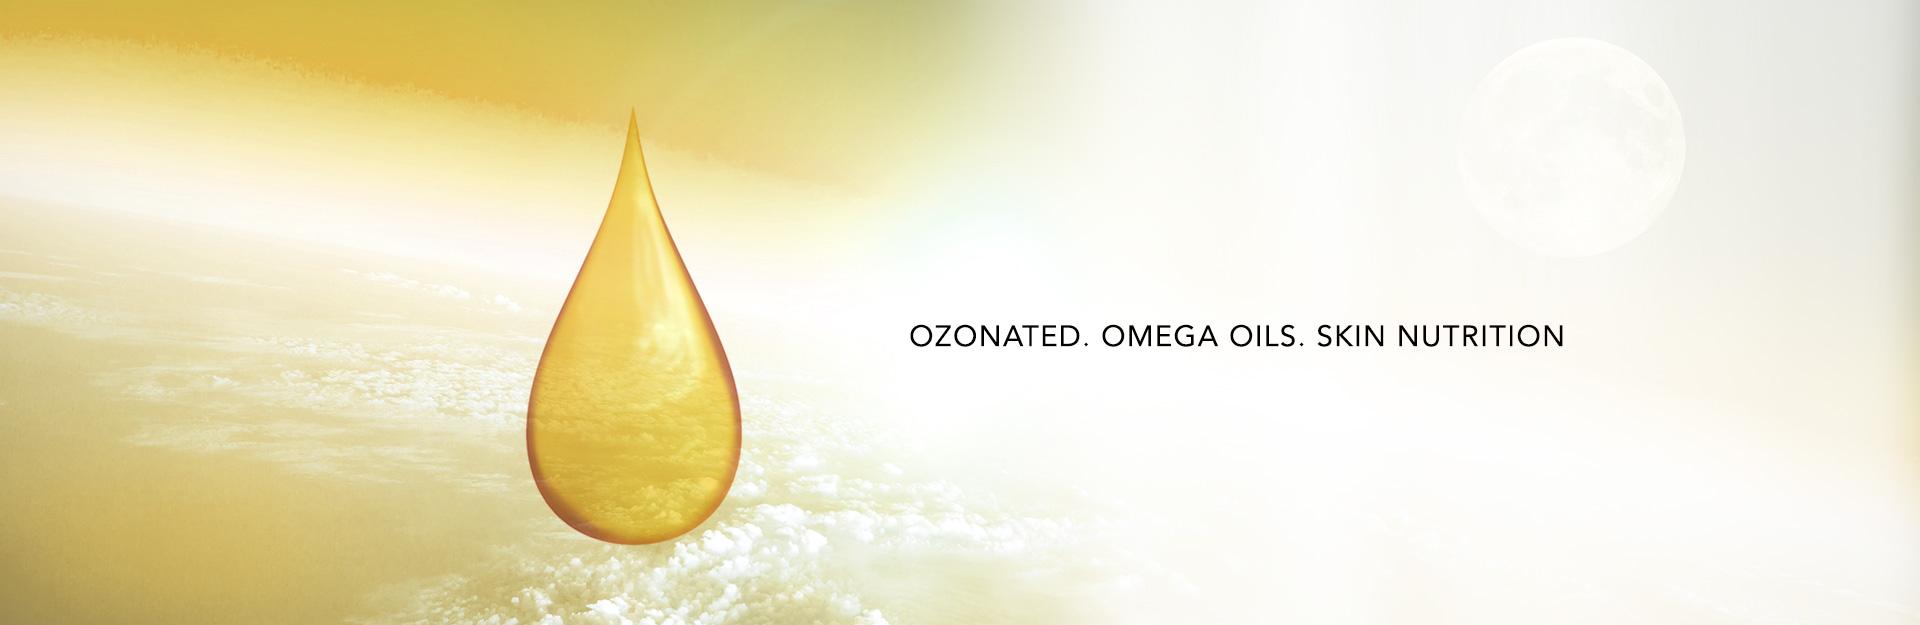 Ozonated Omega Oils